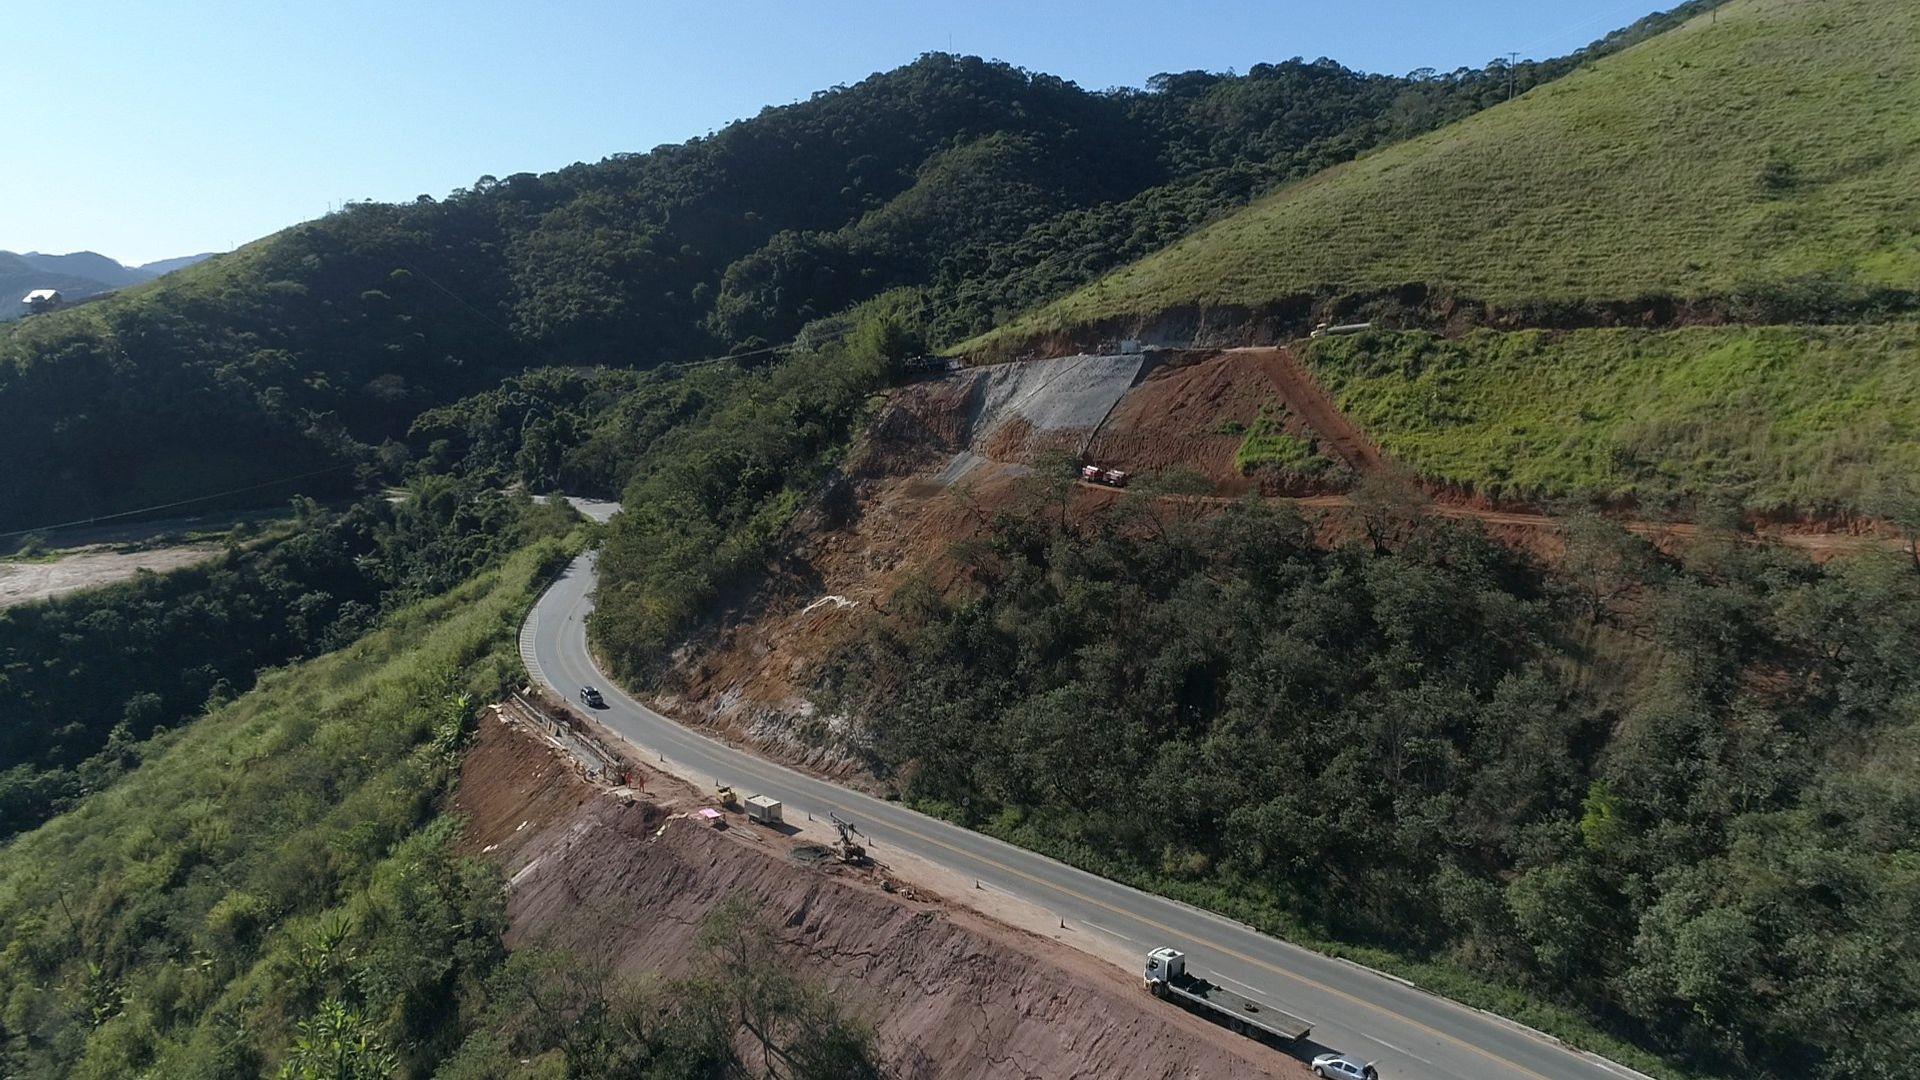 Intervenções emergenciais de recuperação de trechos, na BR 262, são realizadas para solucionar estragos feitos pelas chuvas em 2020